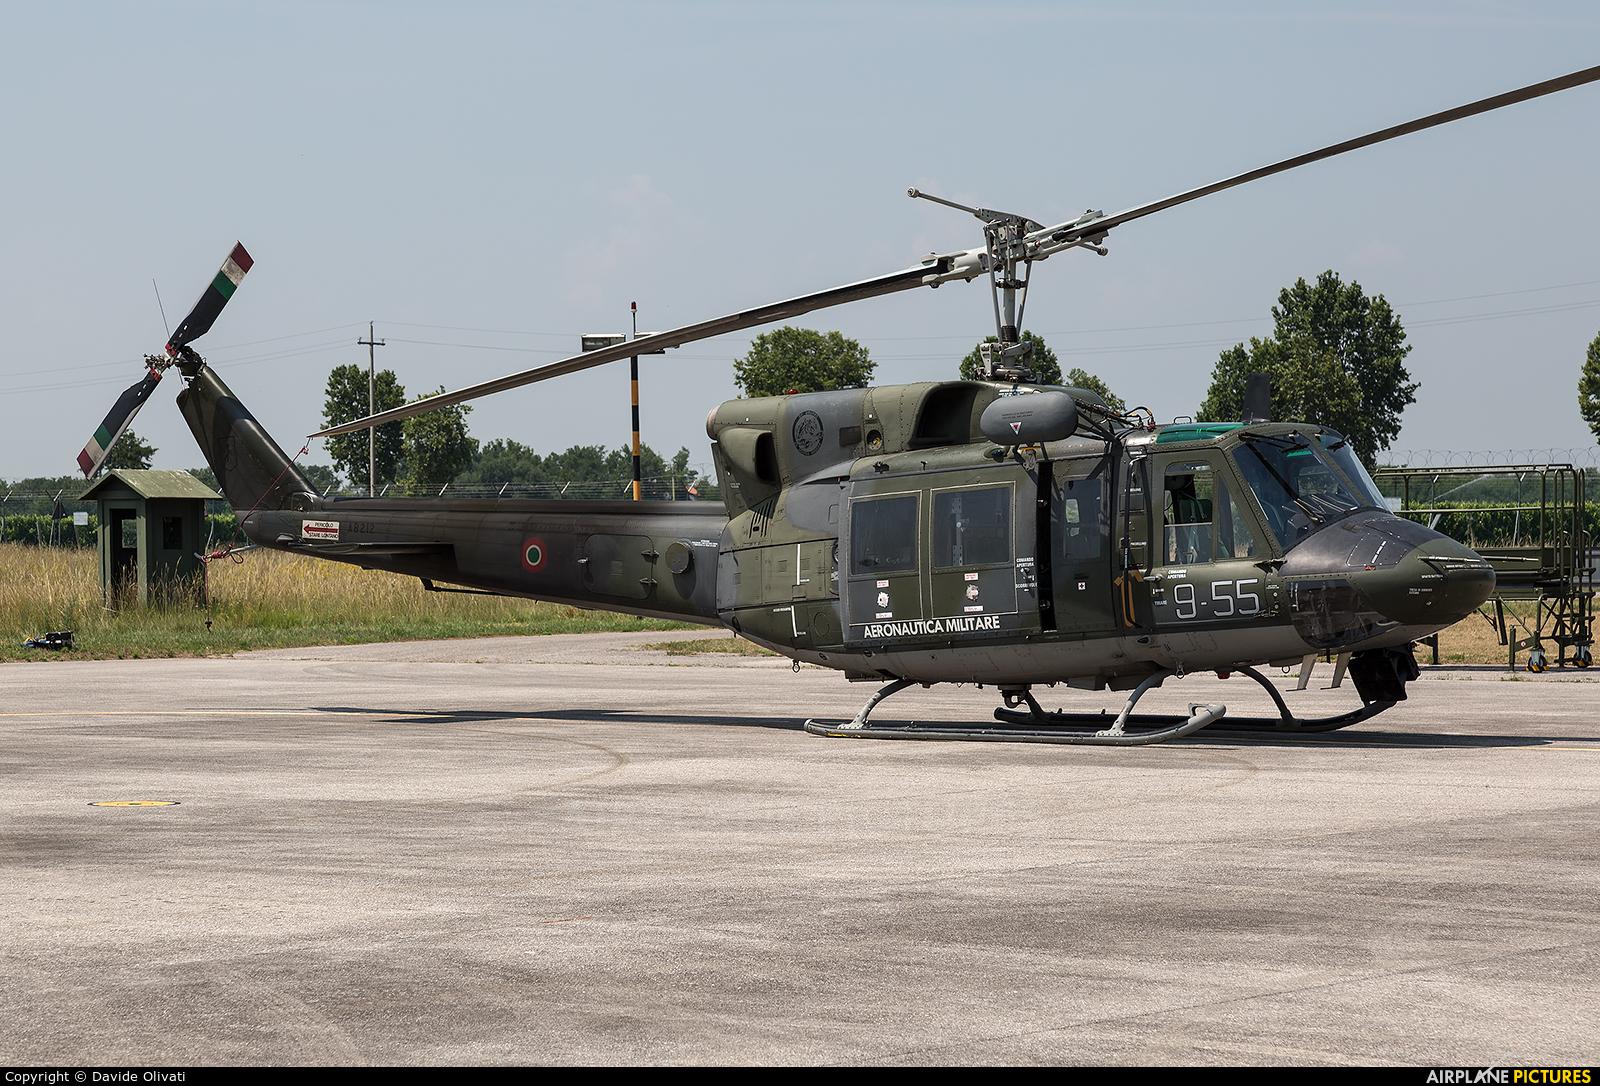 Italy - Air Force MM81155 aircraft at Rivolto